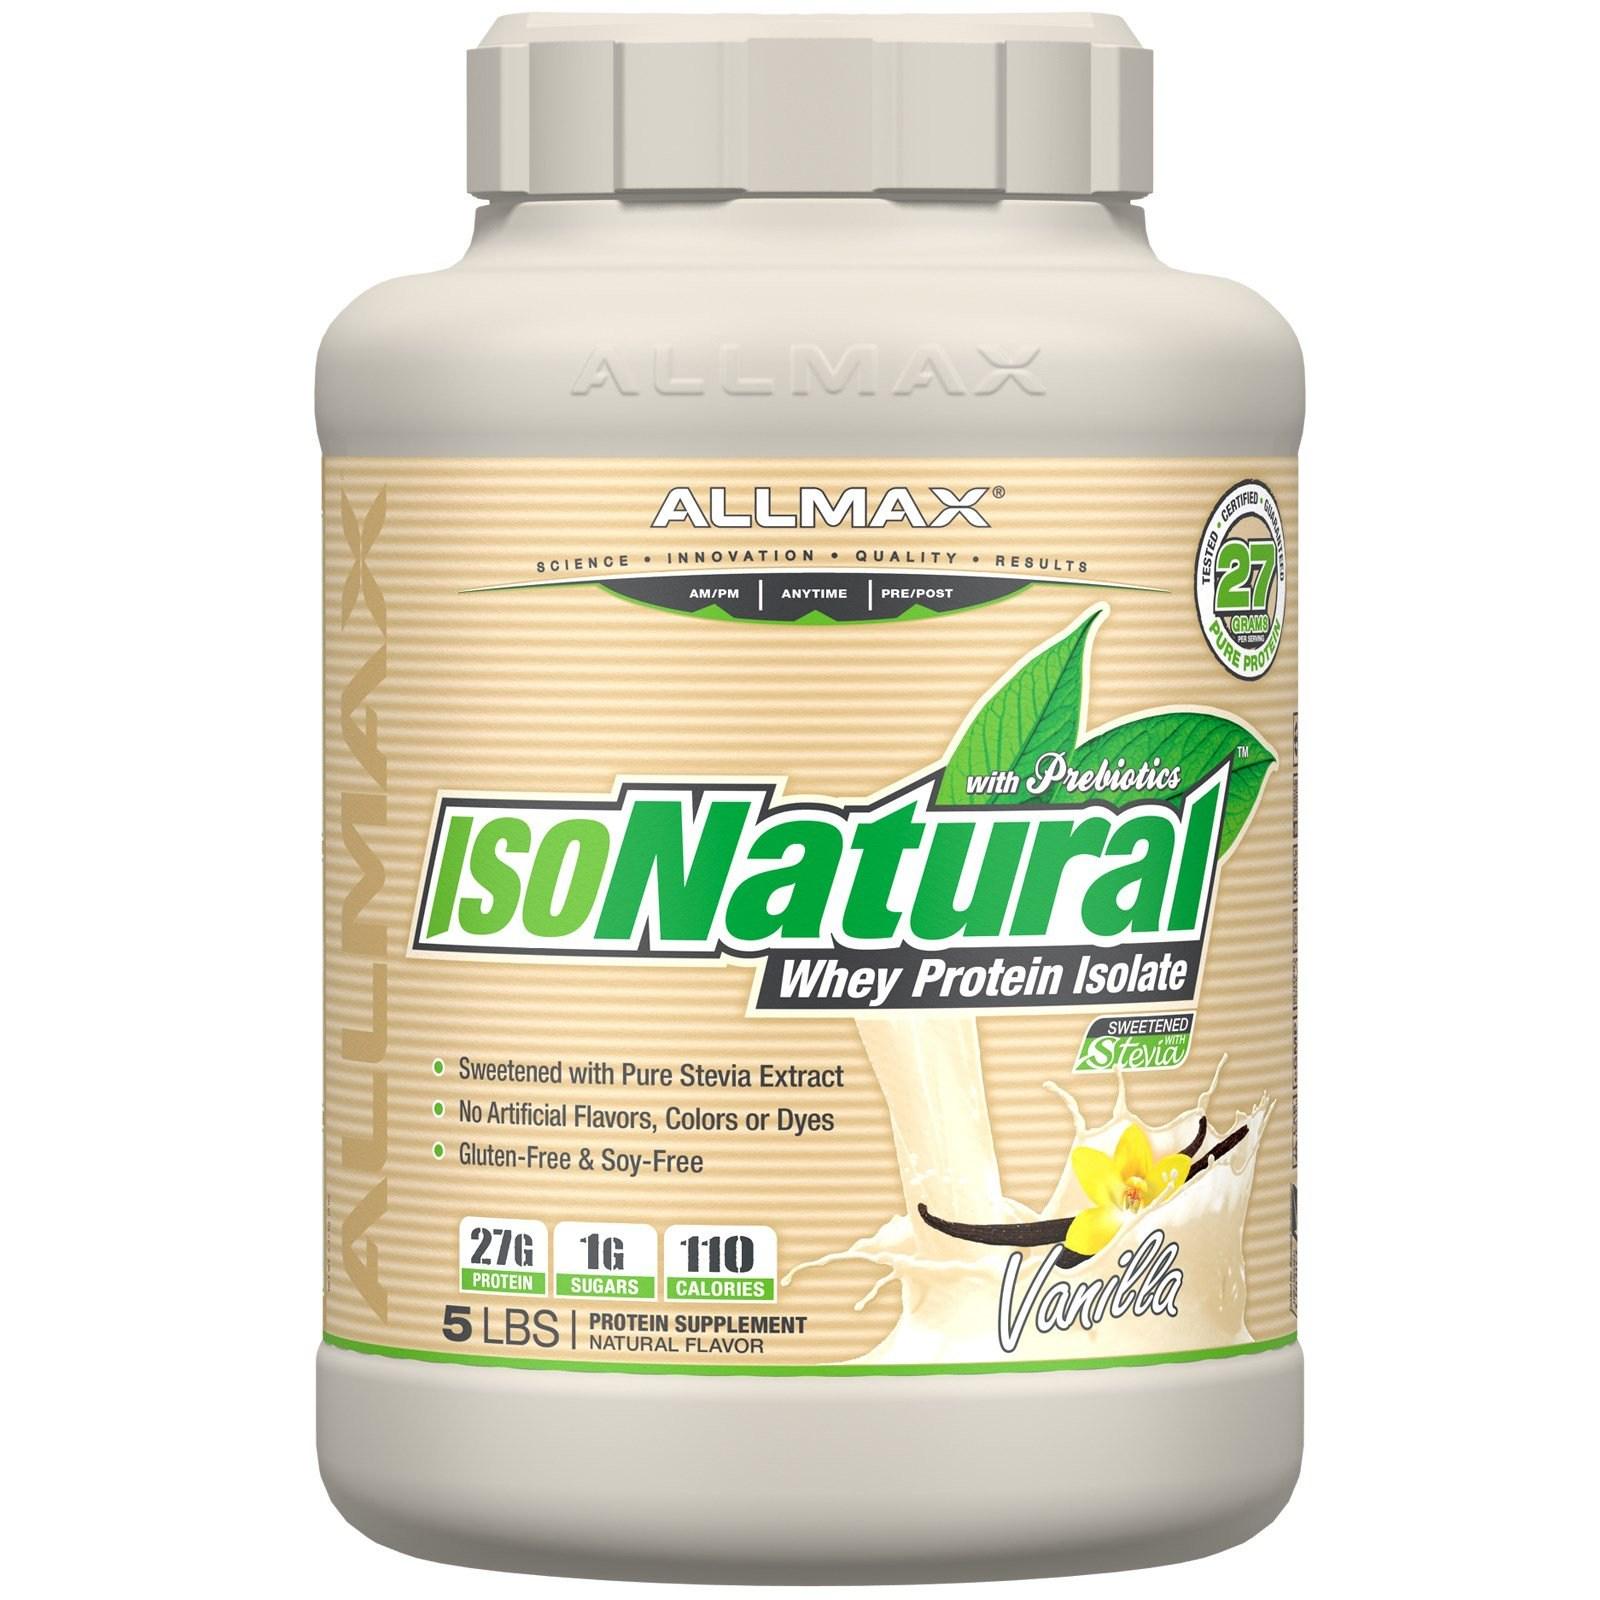 올맥스뉴트리션 IsoNatural 100% 유청 단백질 분리 2.3kg, 1개, -